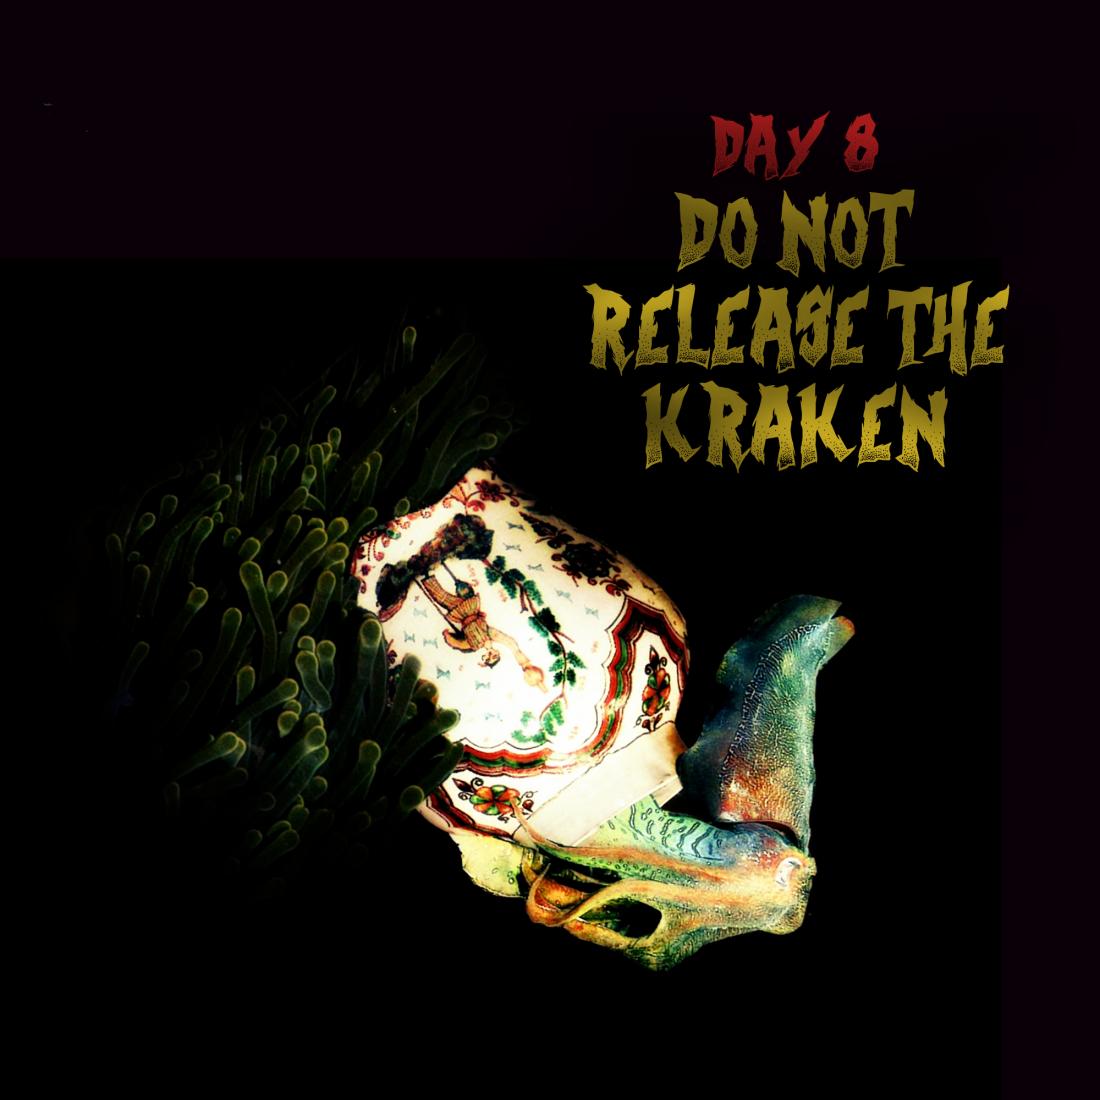 drawlloween-8-do-not-release-the-kraken